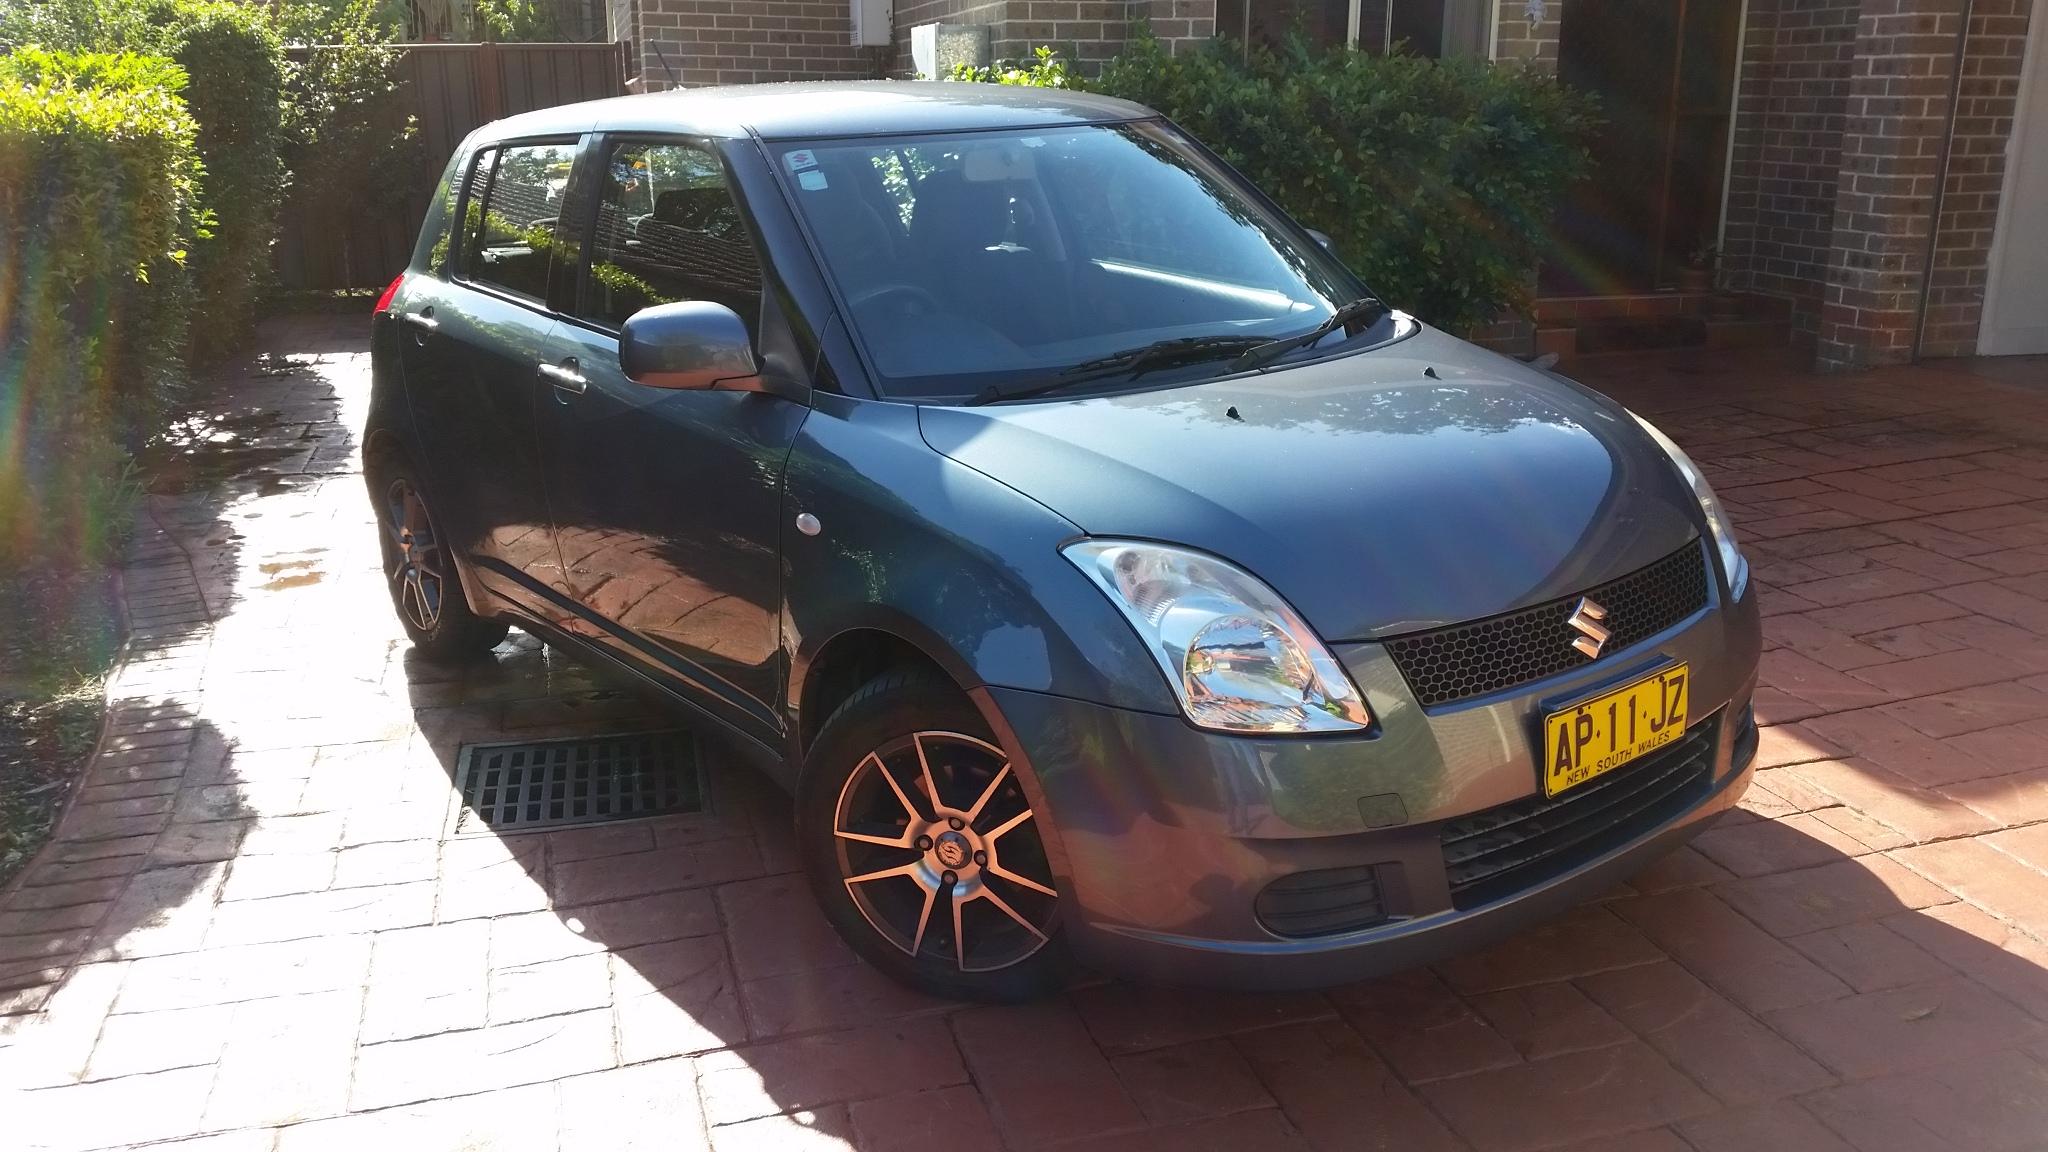 Picture of Maneesh's 2007 Suzuki Swift